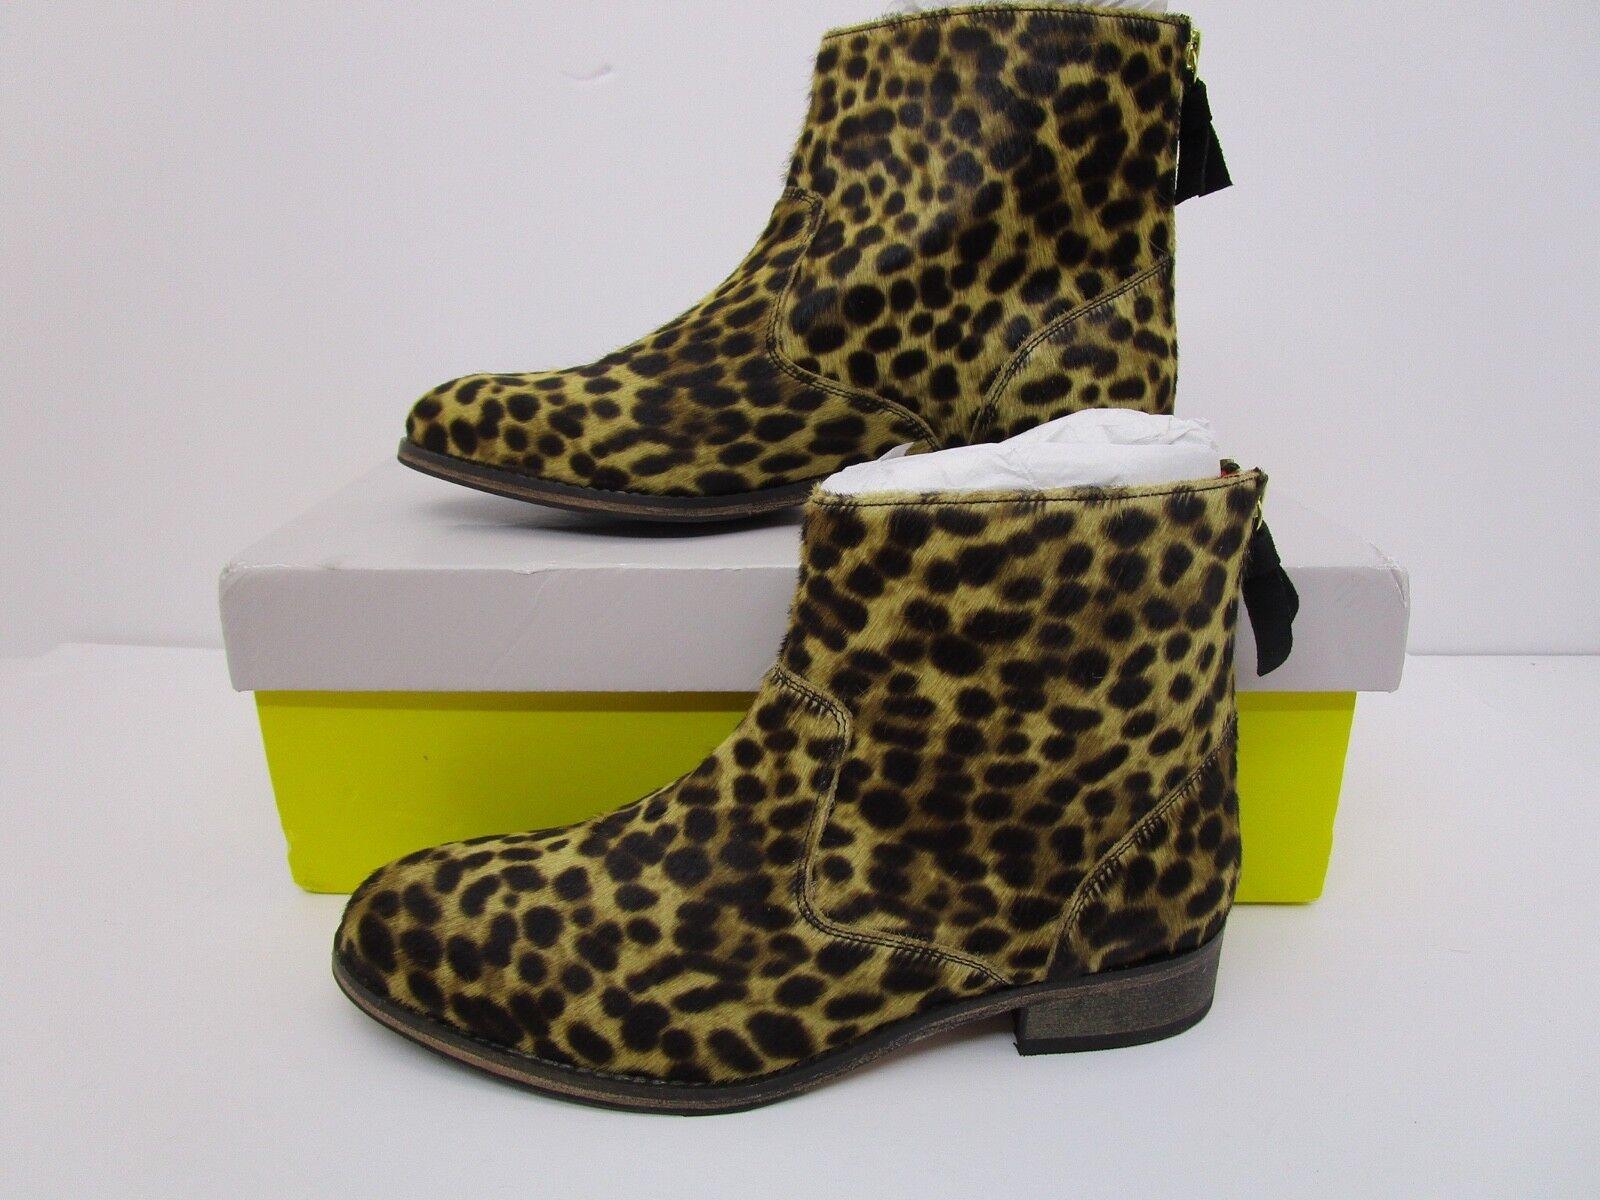 Boden Kingham Tobillo botas EU Estampado De Leopardo Leopardo Leopardo Talla 39 EE. UU. 8.5 4b5b72